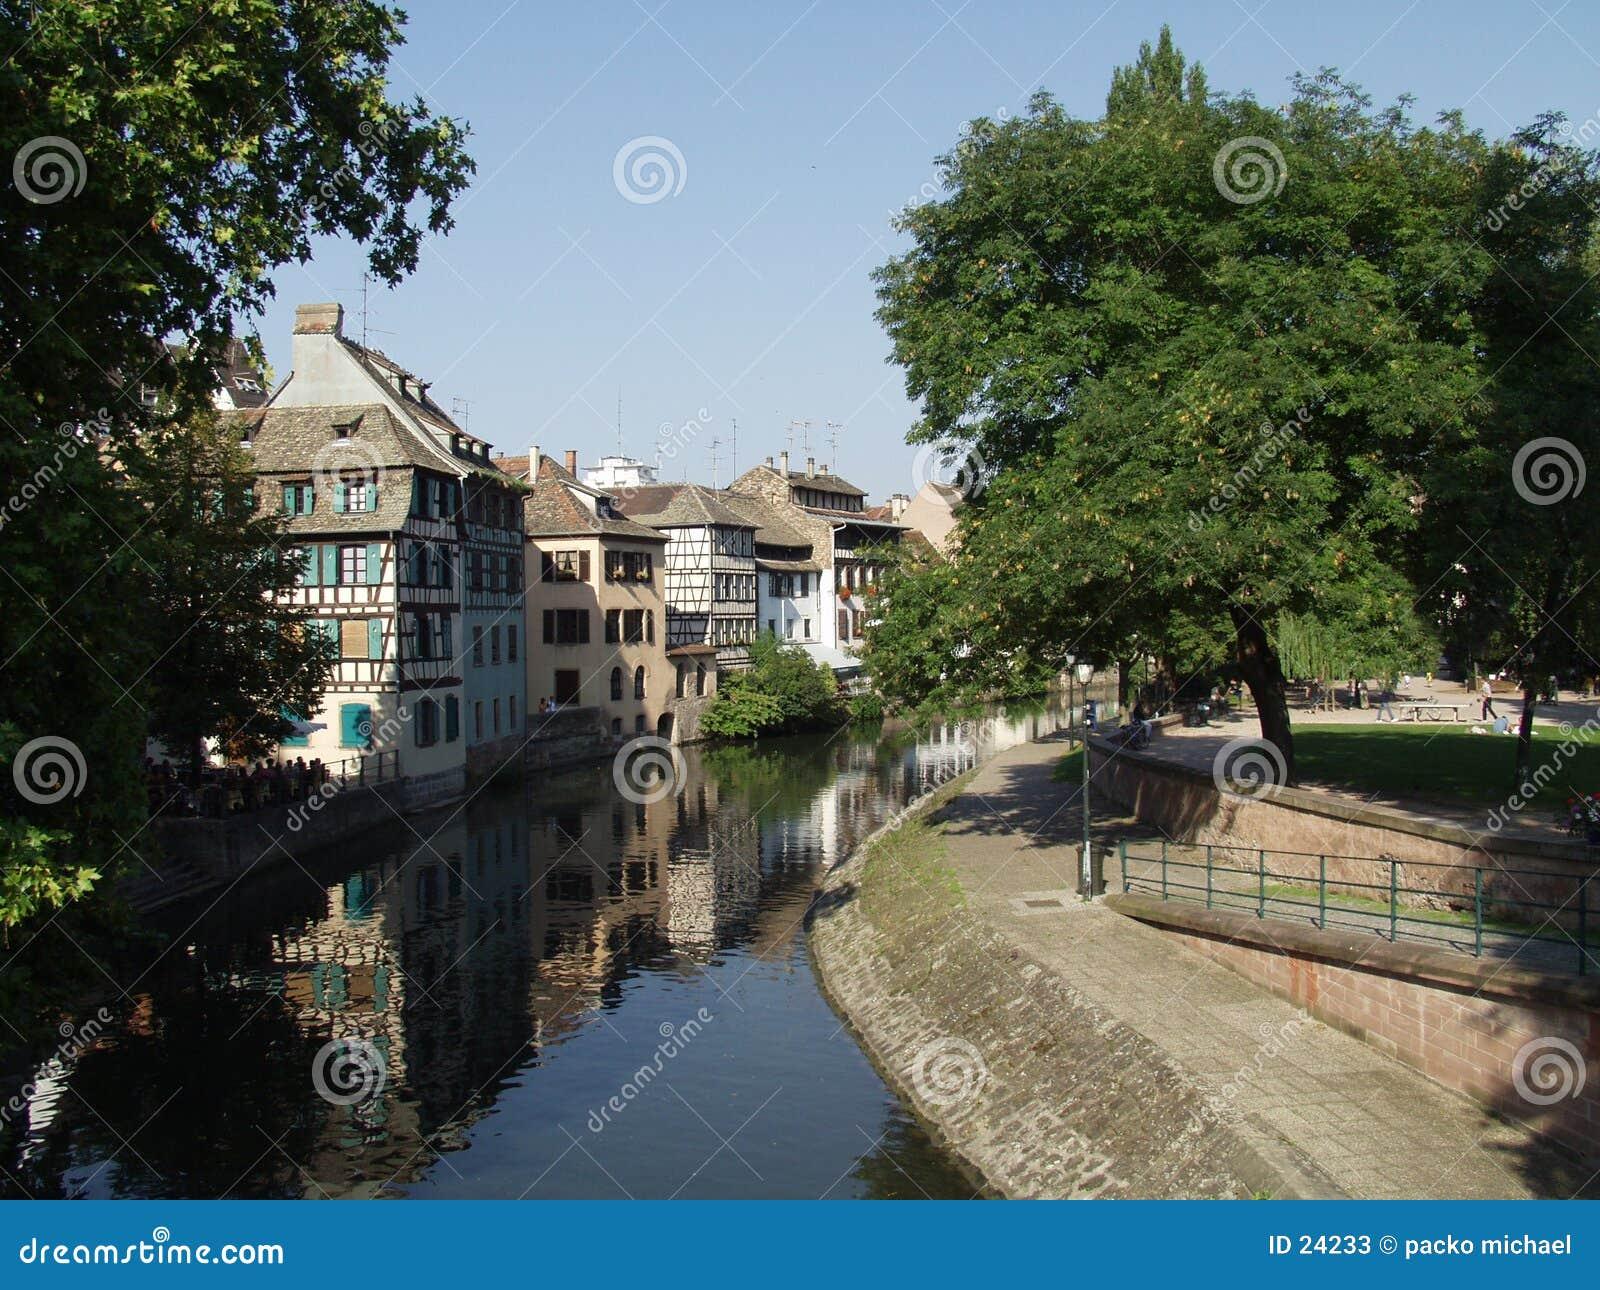 Franse stad: Straatsburg